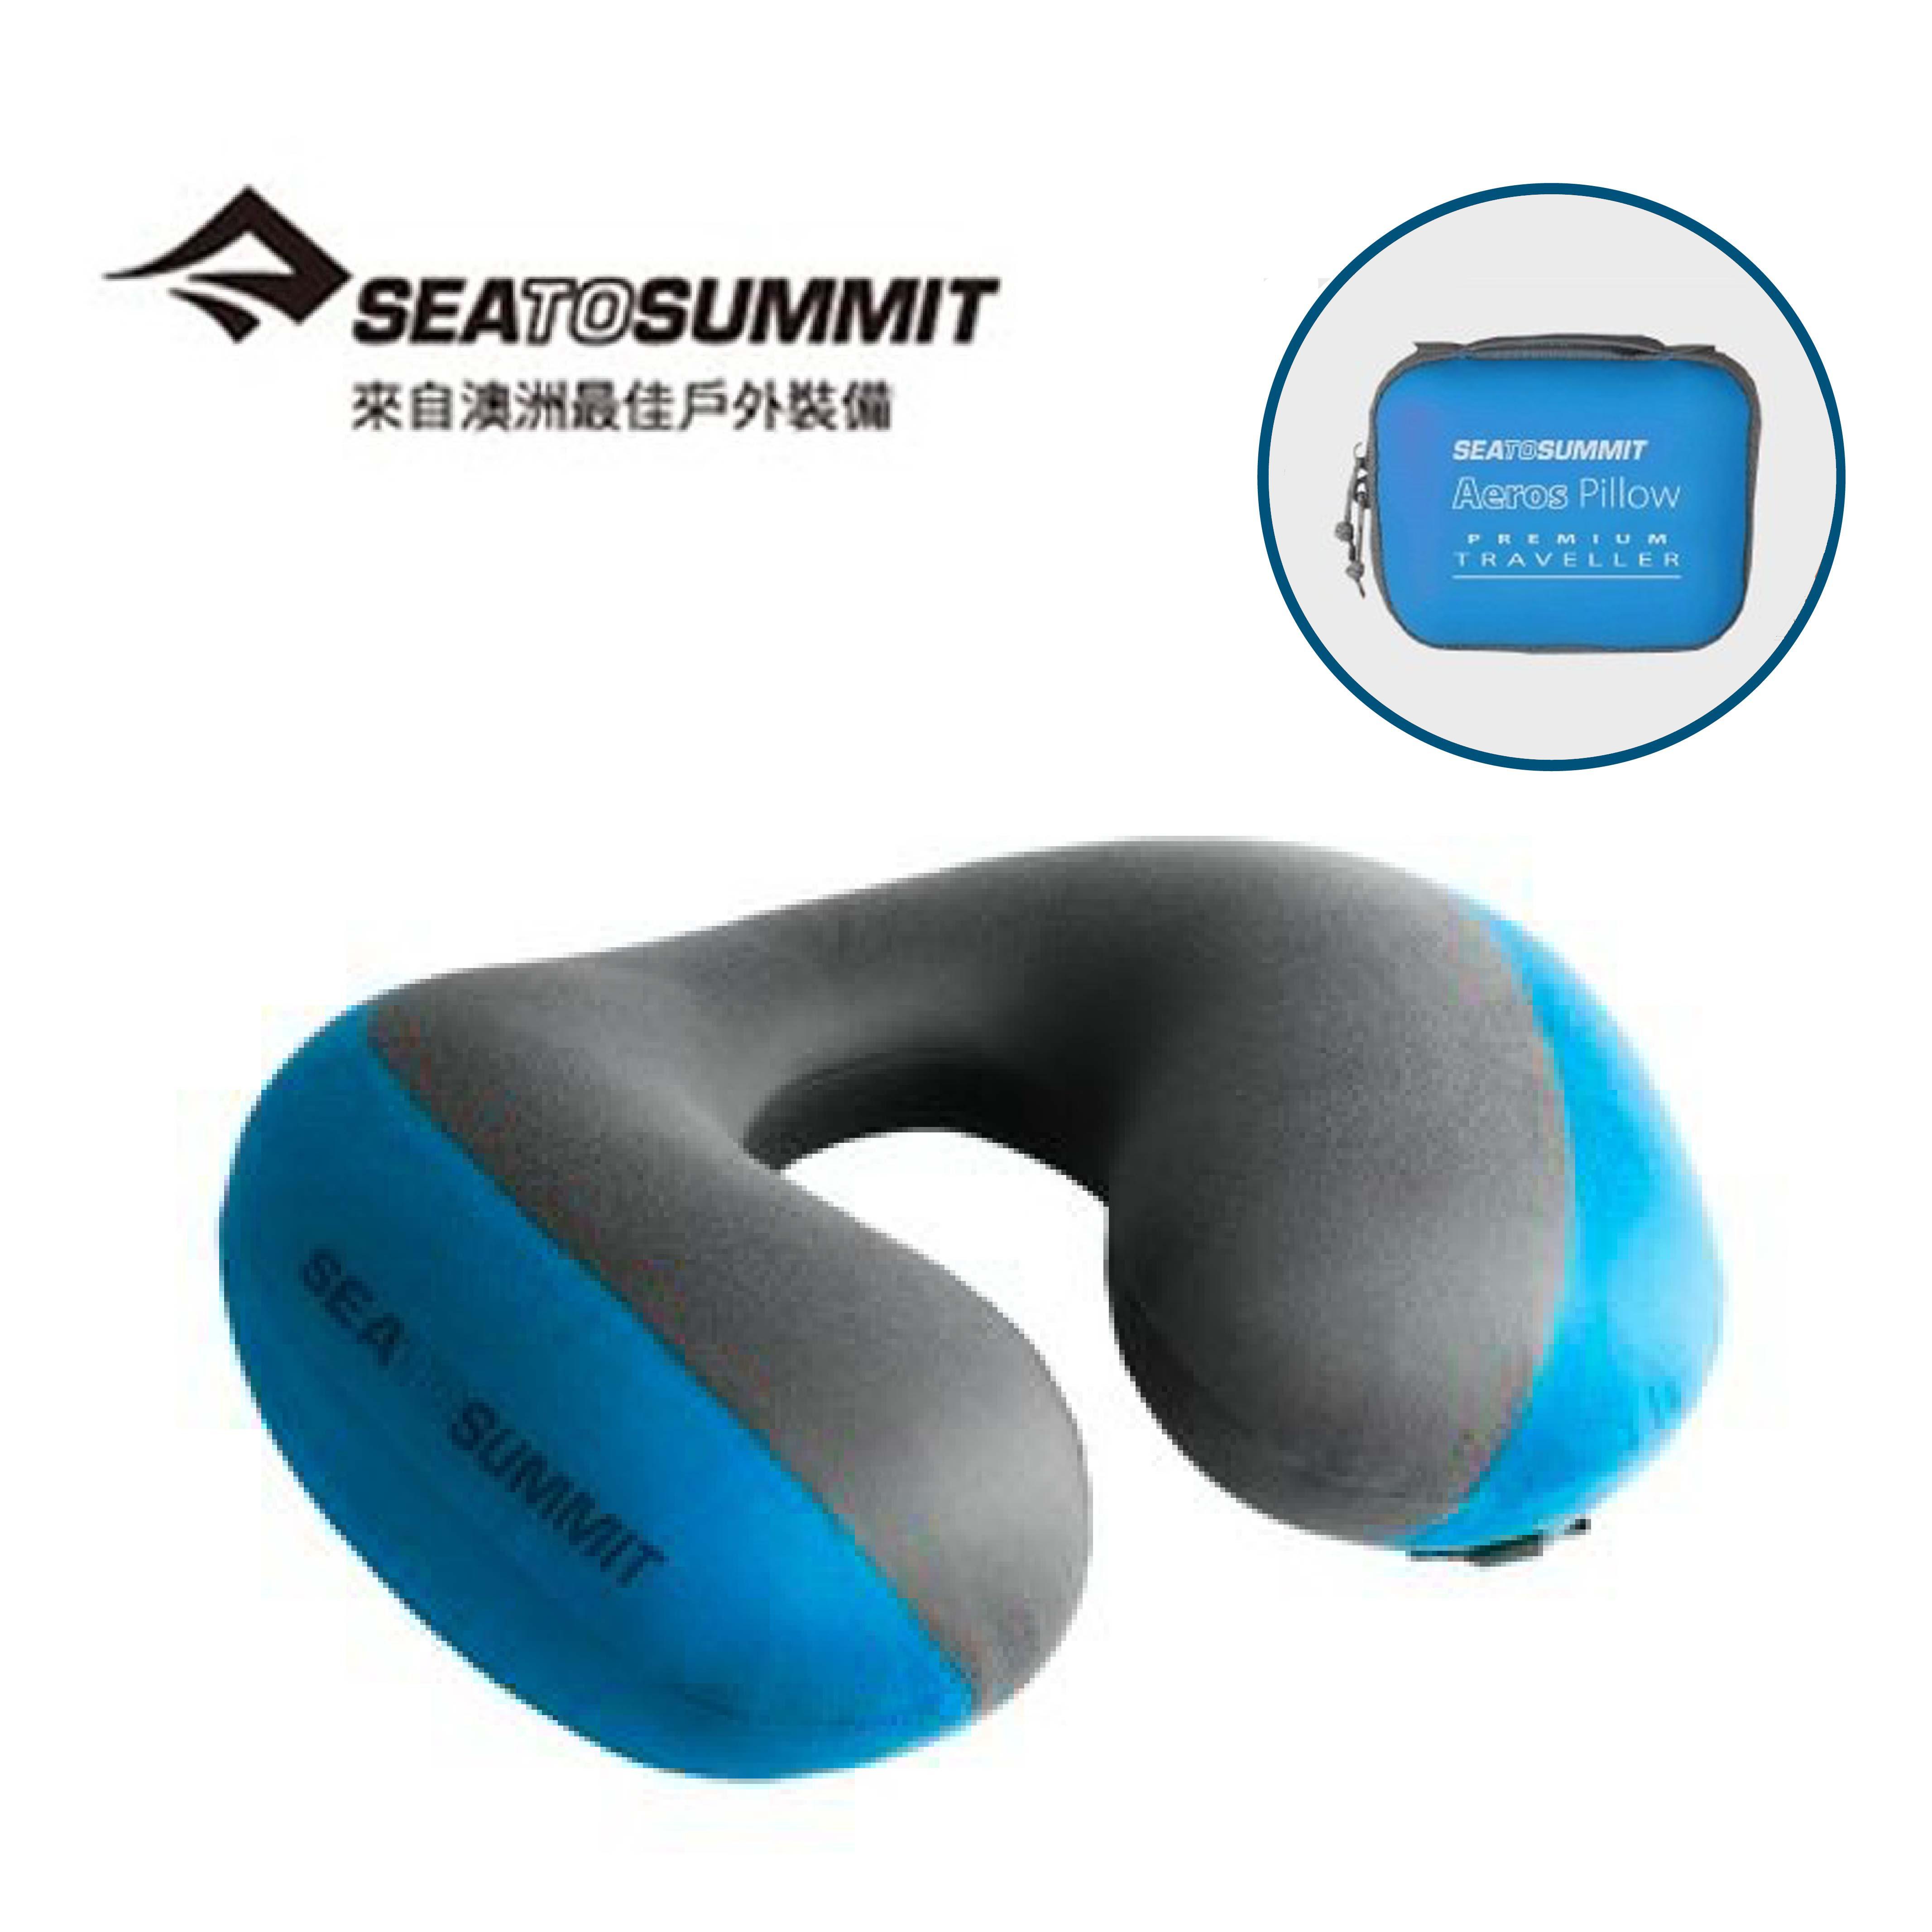 澳洲【Sea to Summit】絨質彈性材質 50D 充氣頸枕(可收至手掌大小、僅93g)1